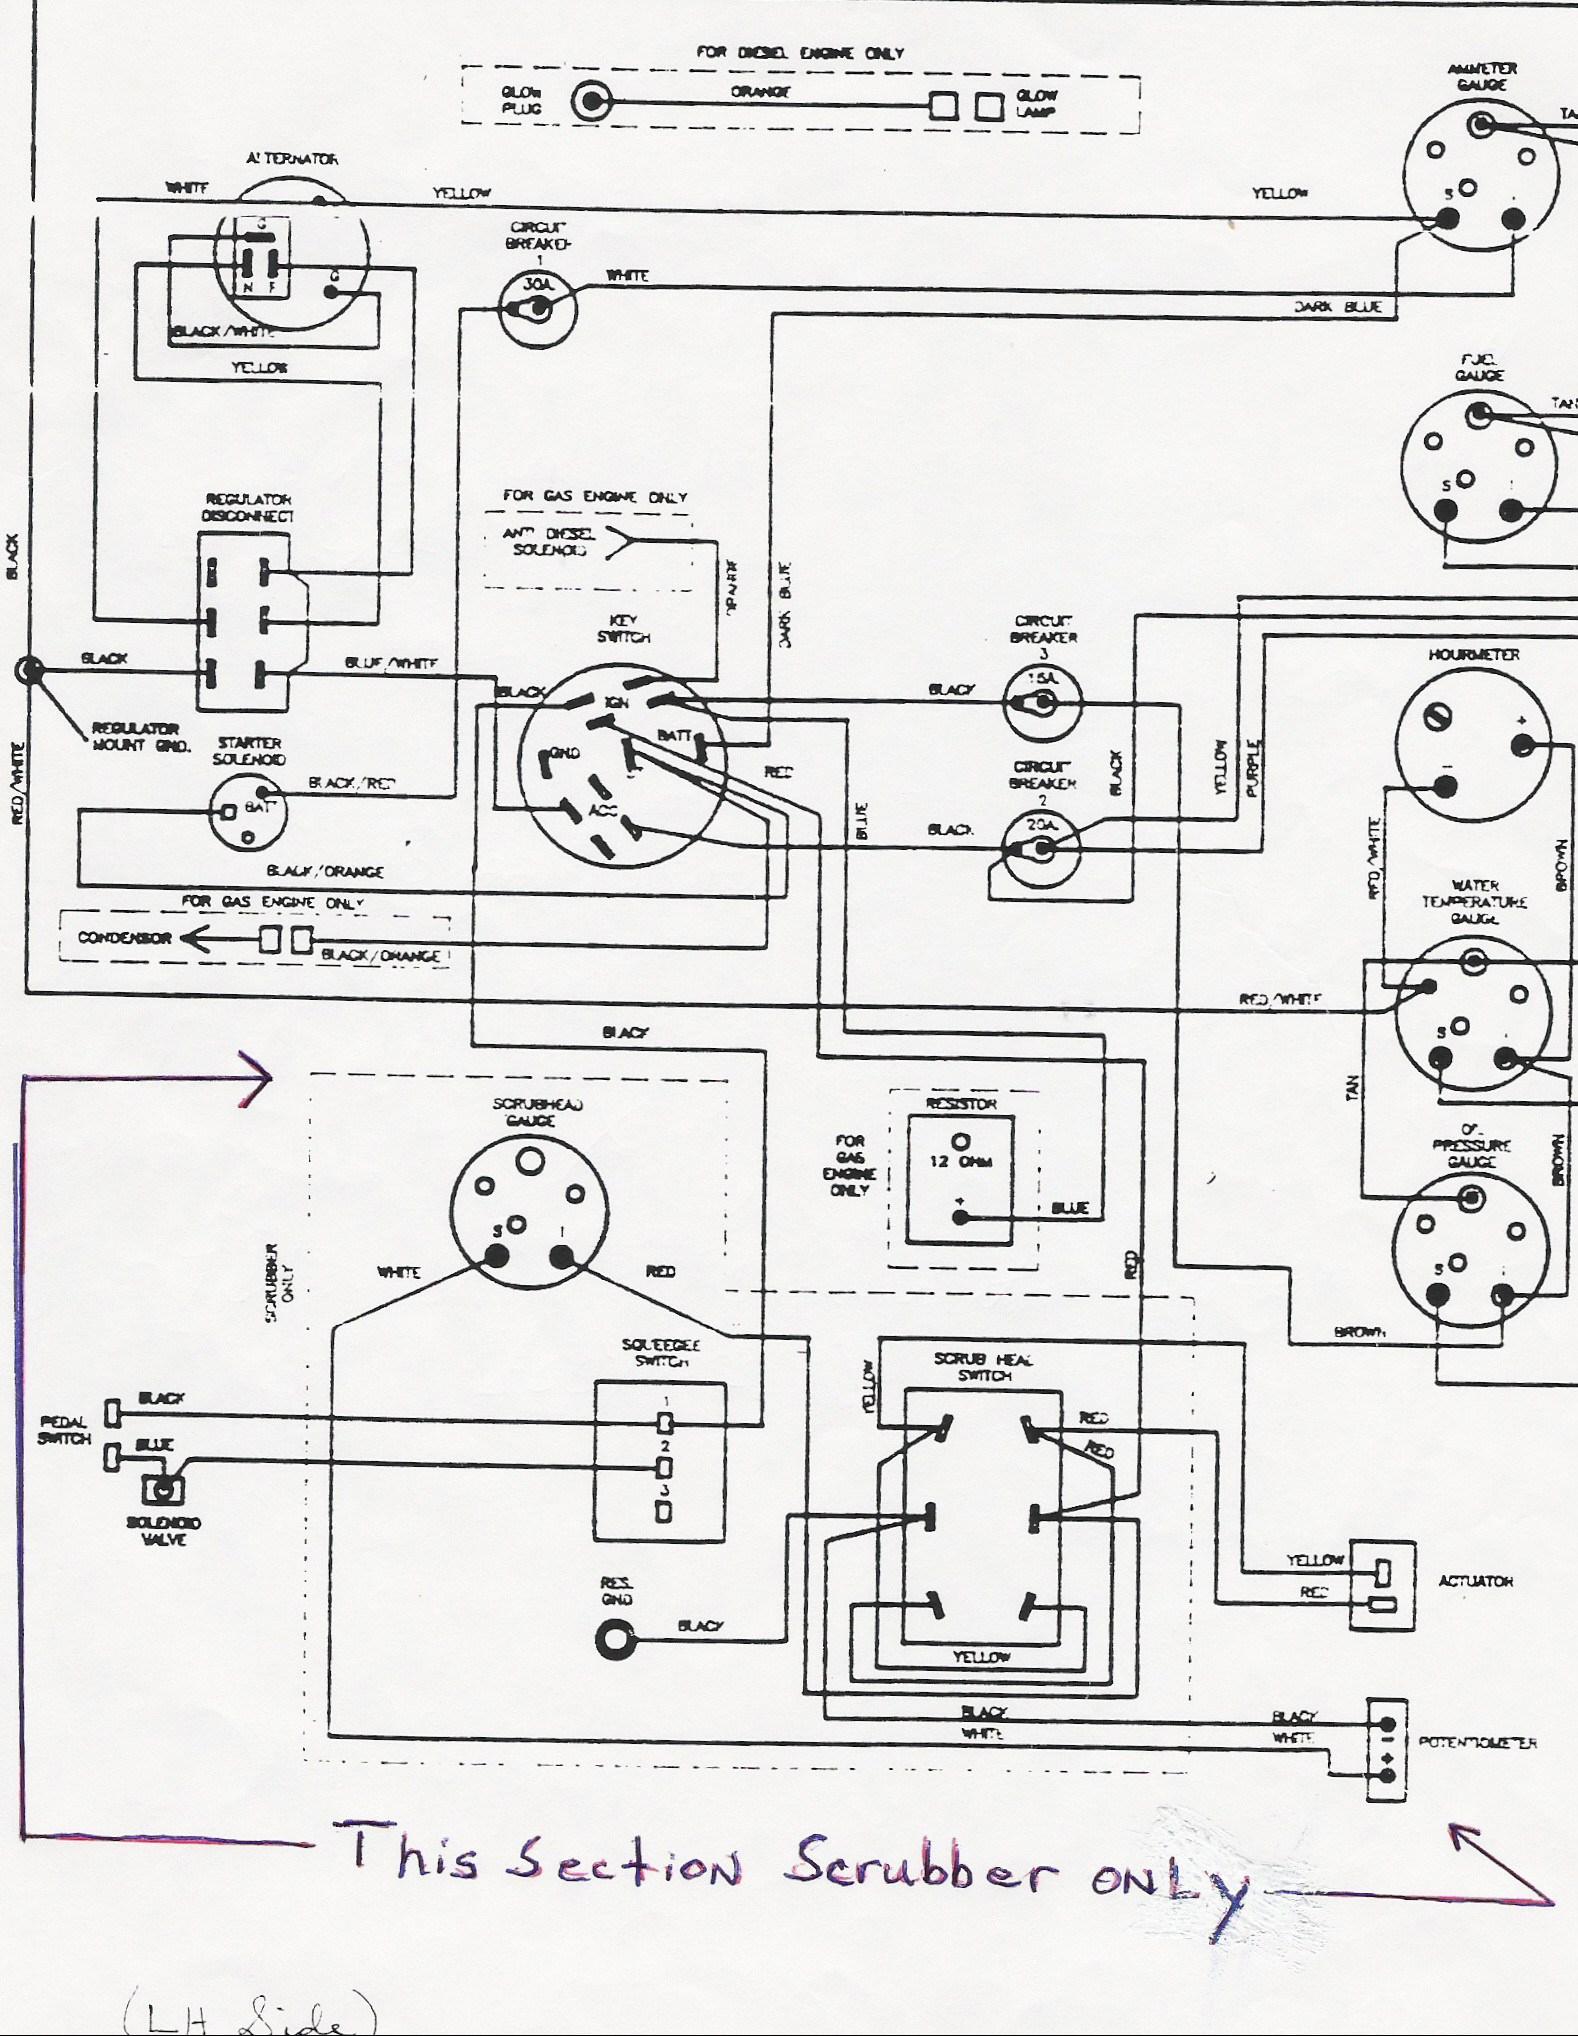 Onan Generator Wiring Diagram 611 1267 - Wiring Diagram Description - Generator Wiring Diagram